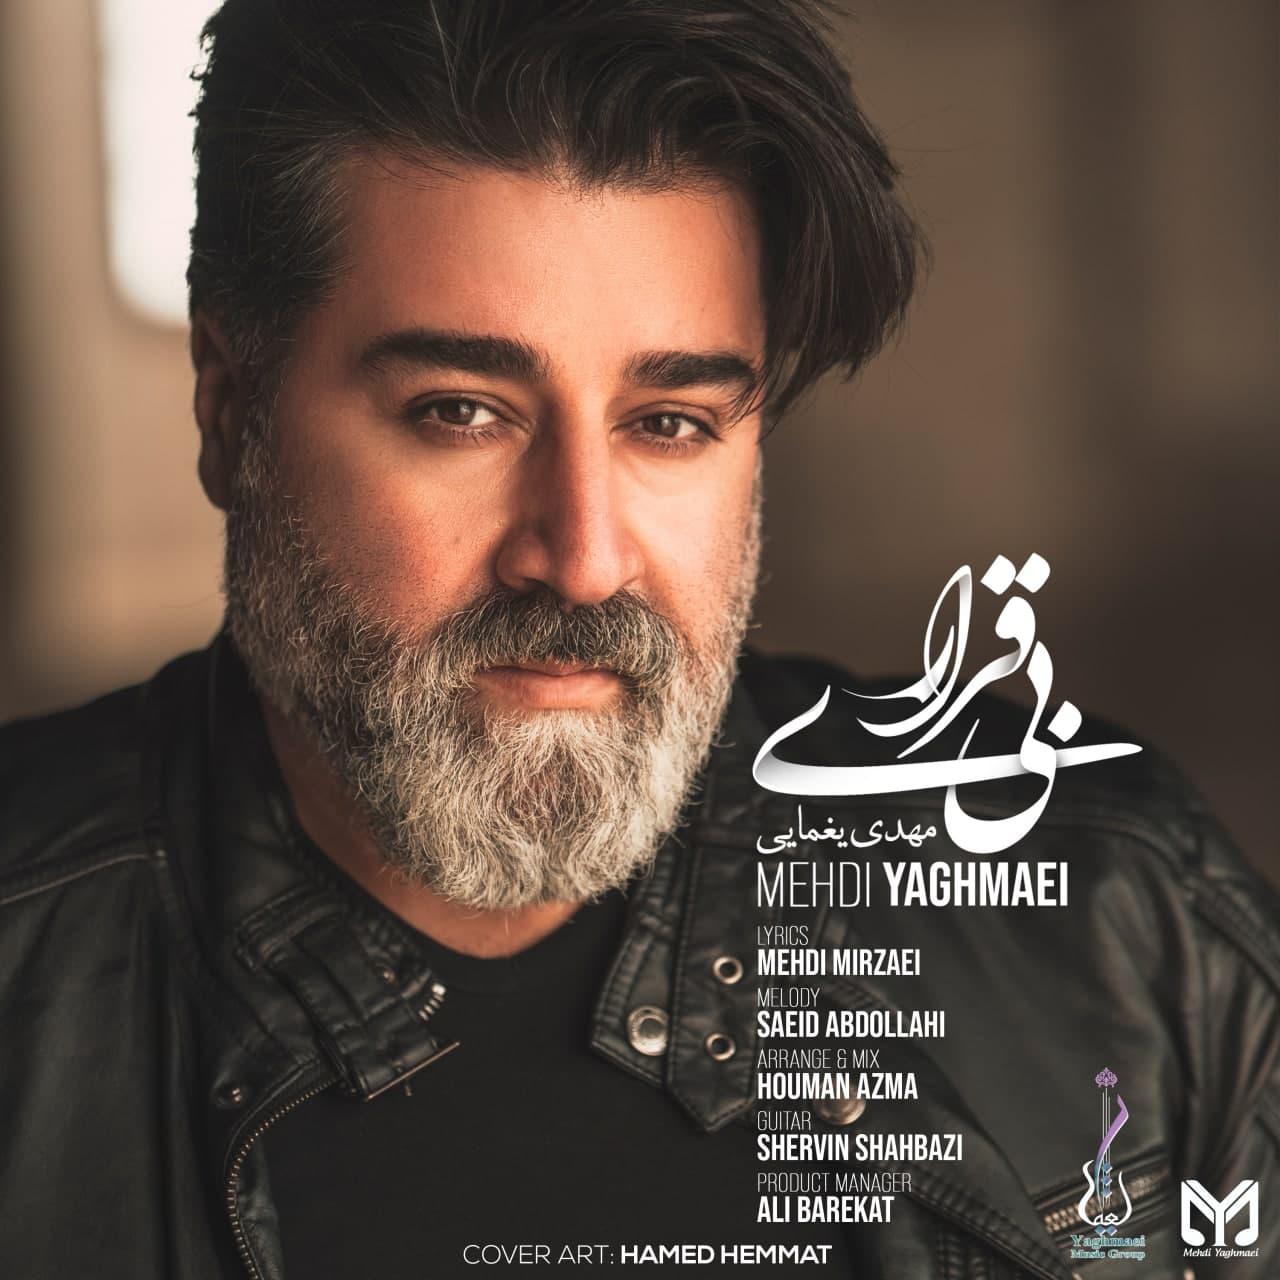 مهدی یغمایی - بیقراری